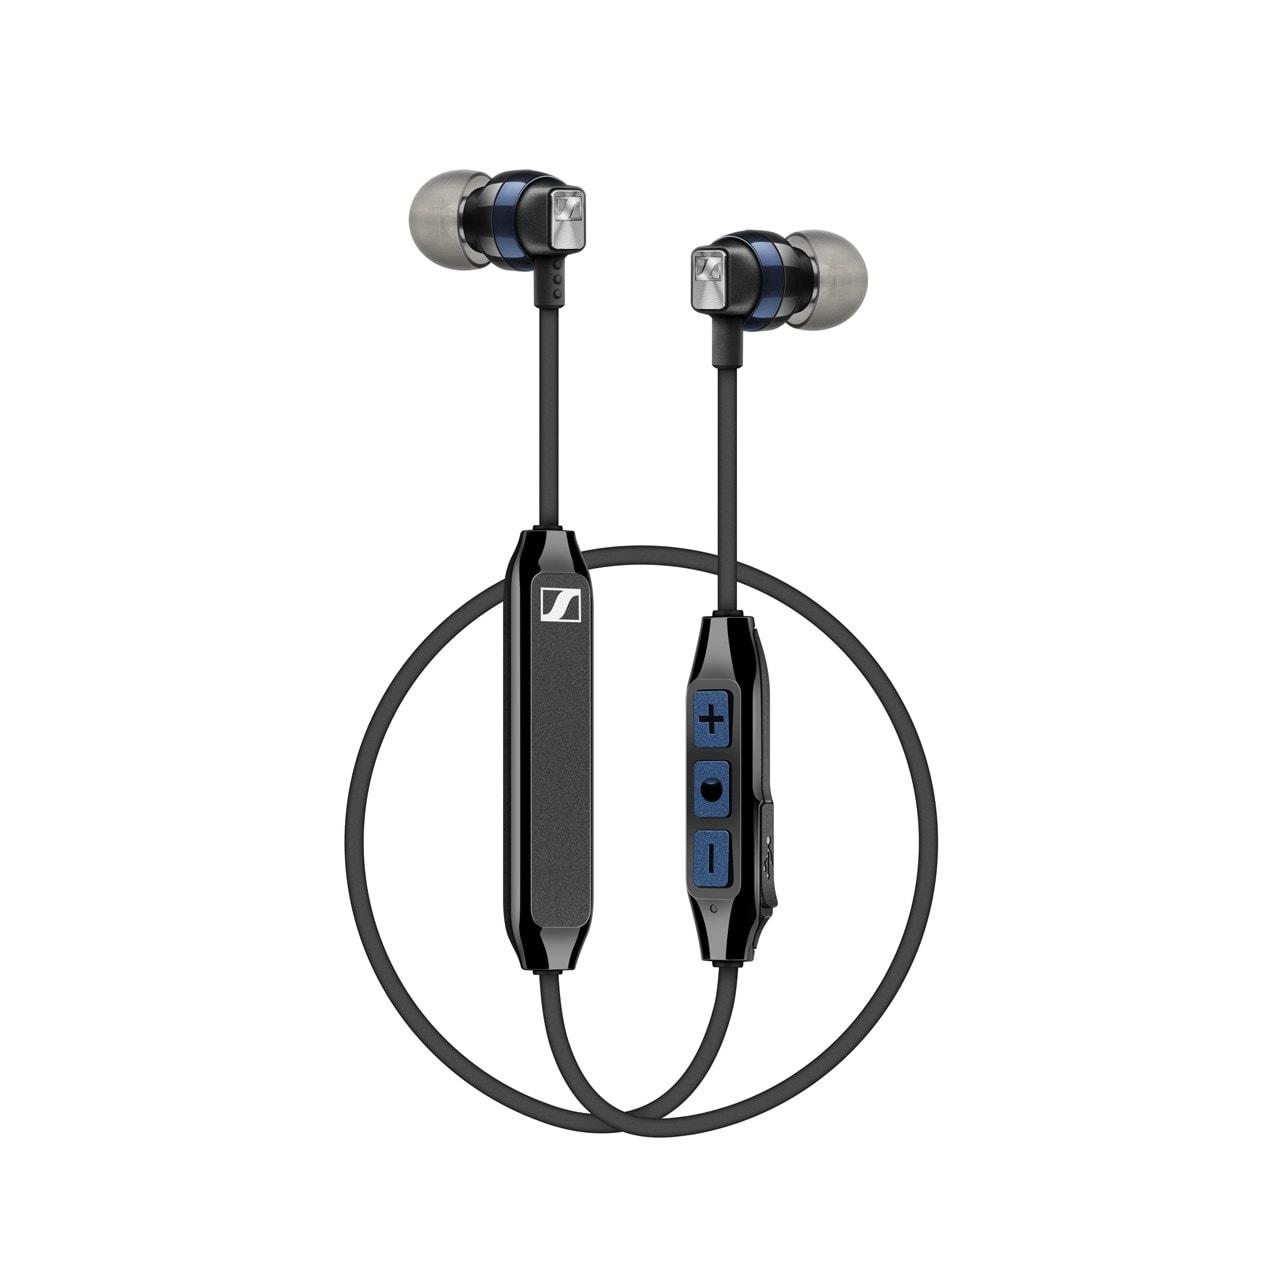 Sennheiser CX 6.00BT Bluetooth Earphones - 1